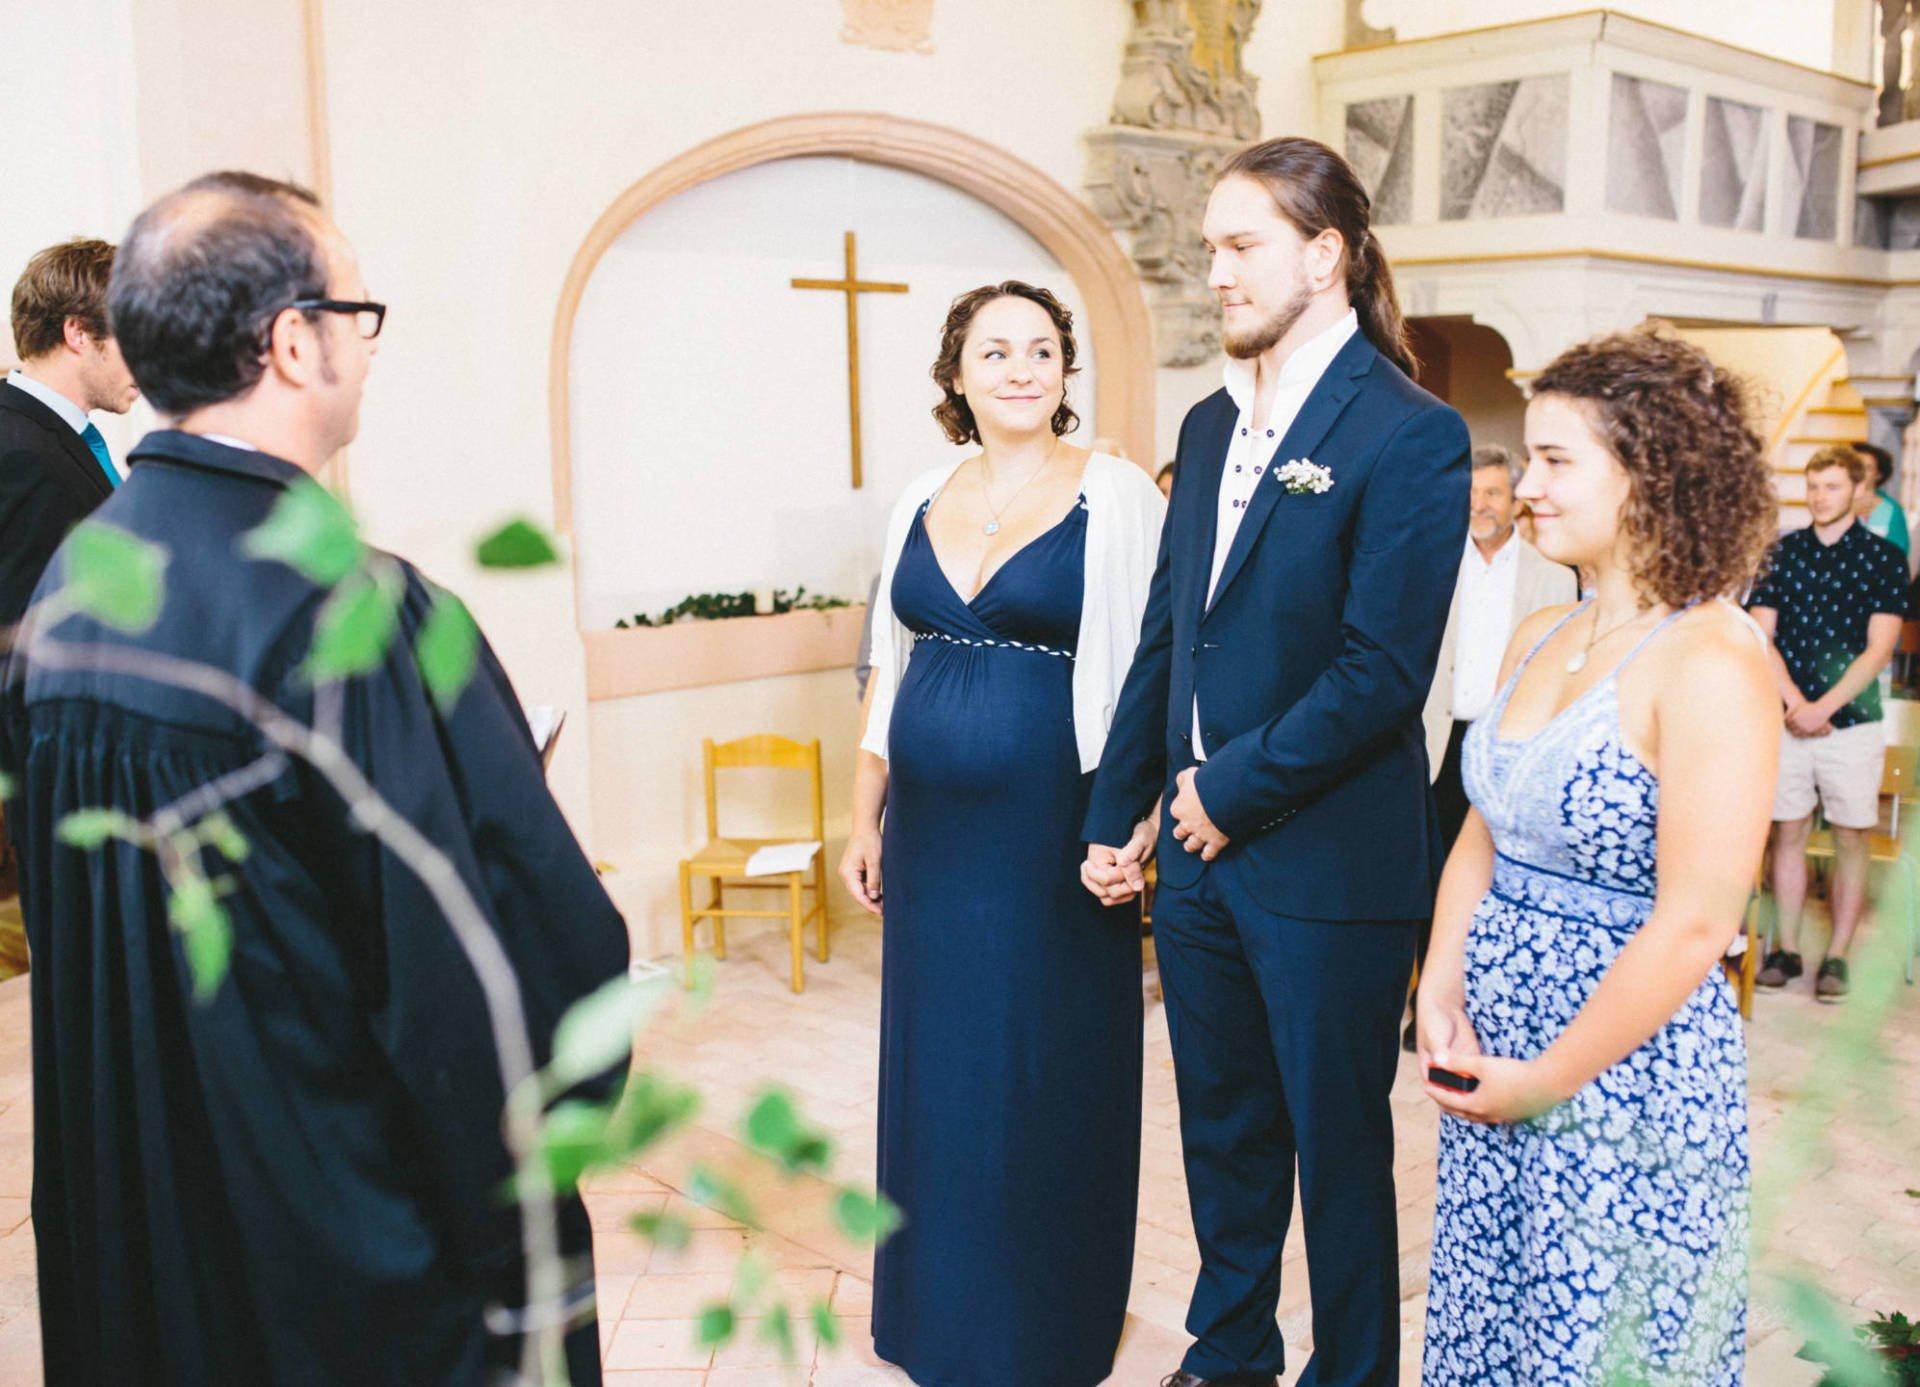 Hochzeitsreportage | Hochzeit in Kreuzgewölbe Schöngleina | 11